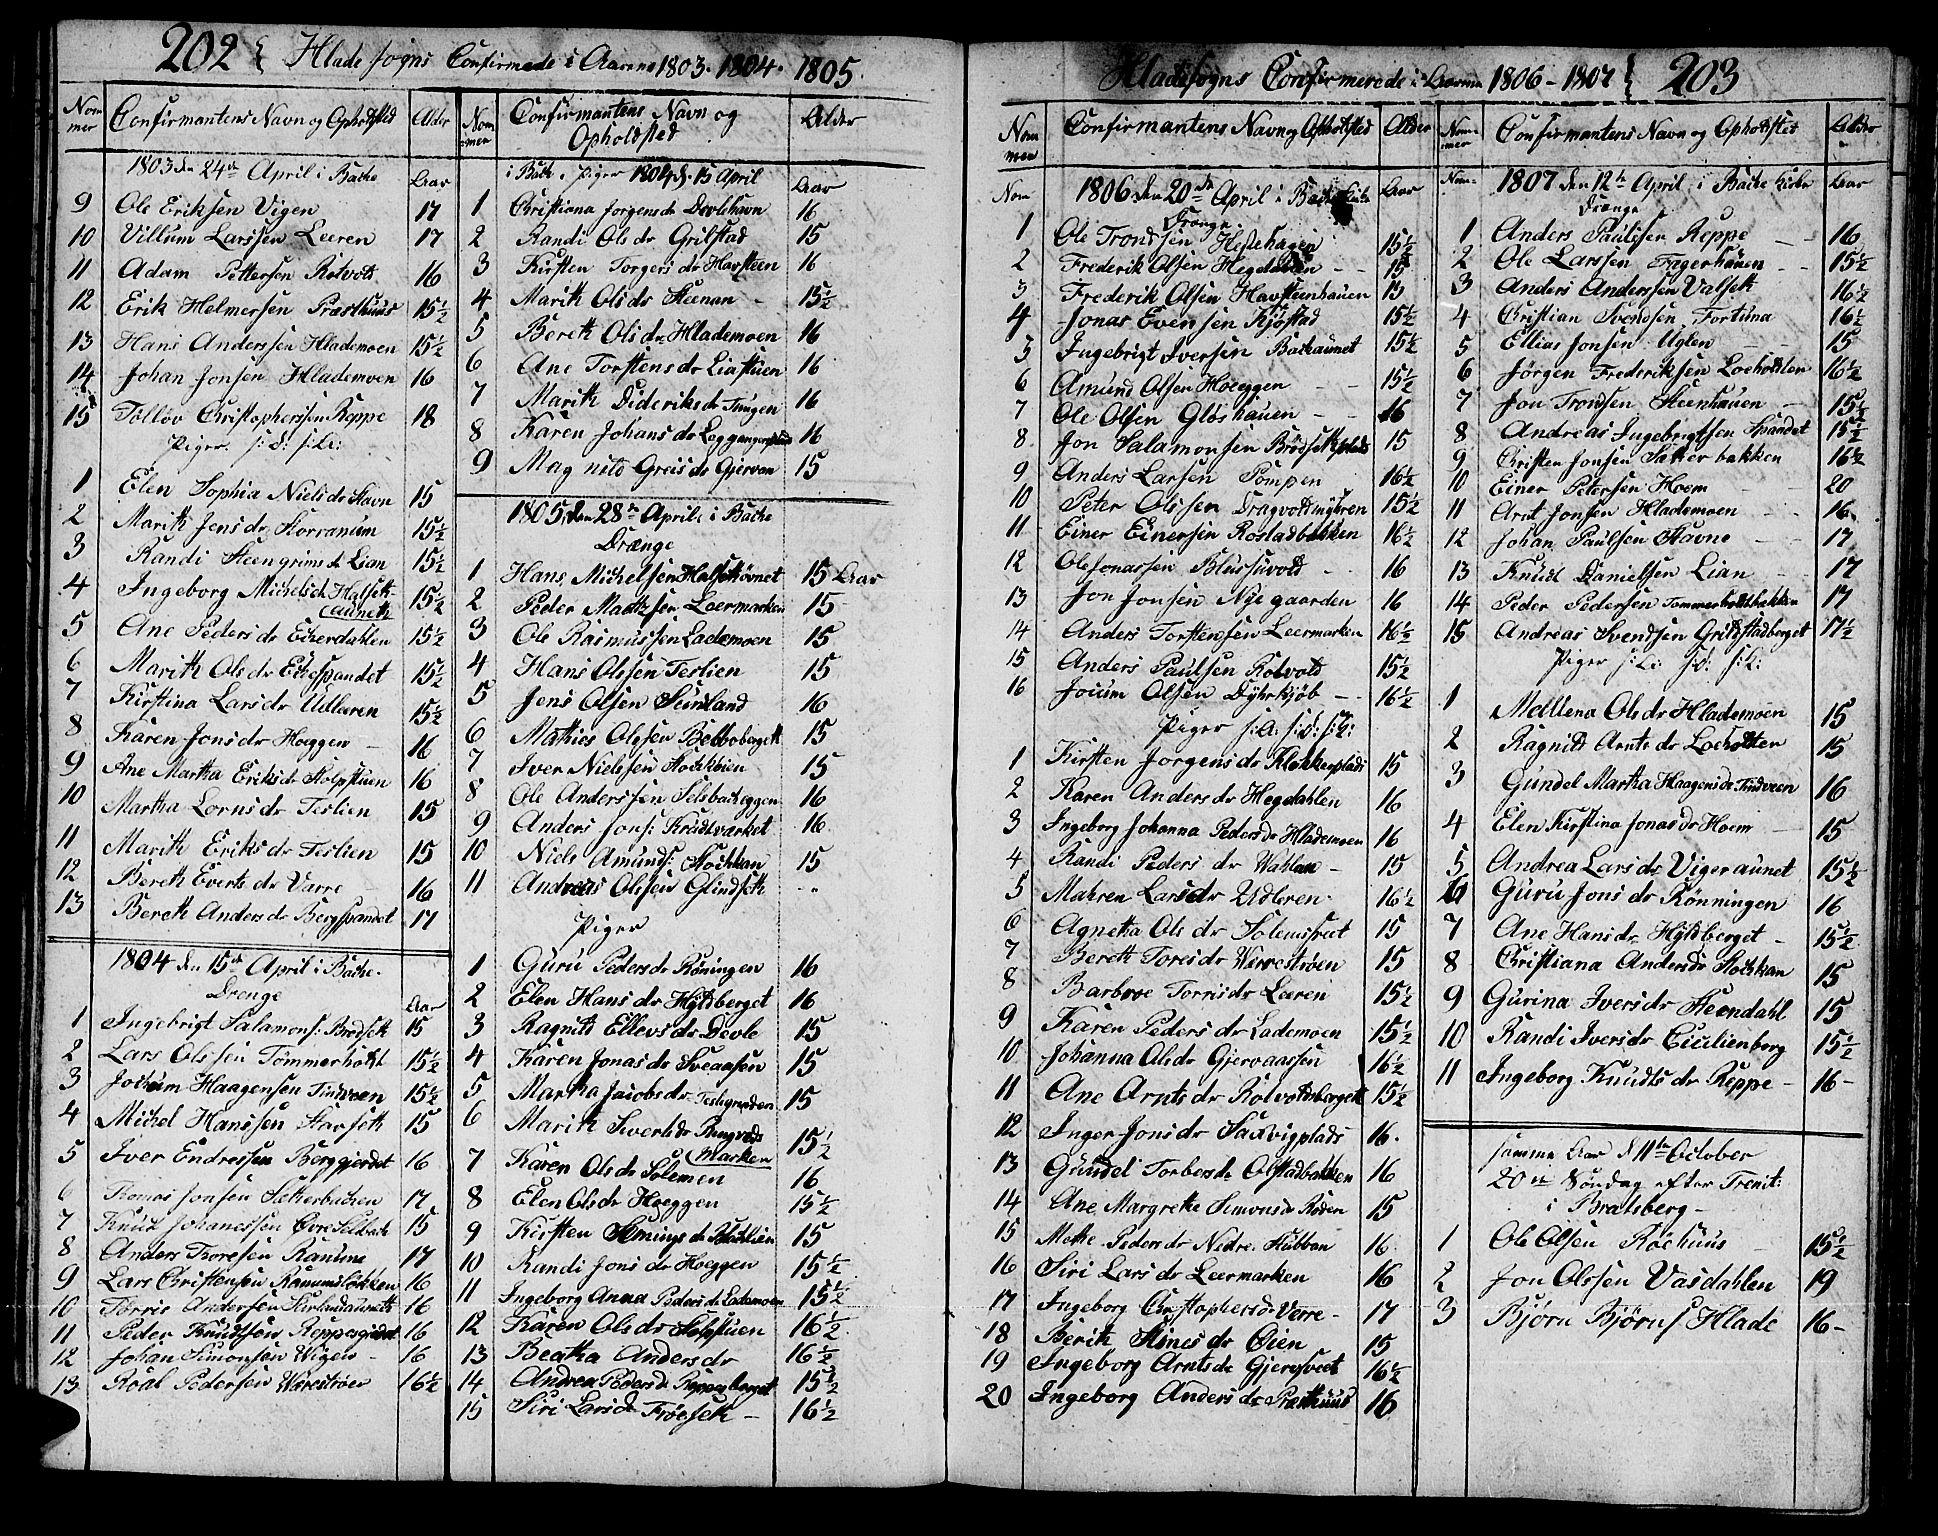 SAT, Ministerialprotokoller, klokkerbøker og fødselsregistre - Sør-Trøndelag, 606/L0306: Klokkerbok nr. 606C02, 1797-1829, s. 202-203